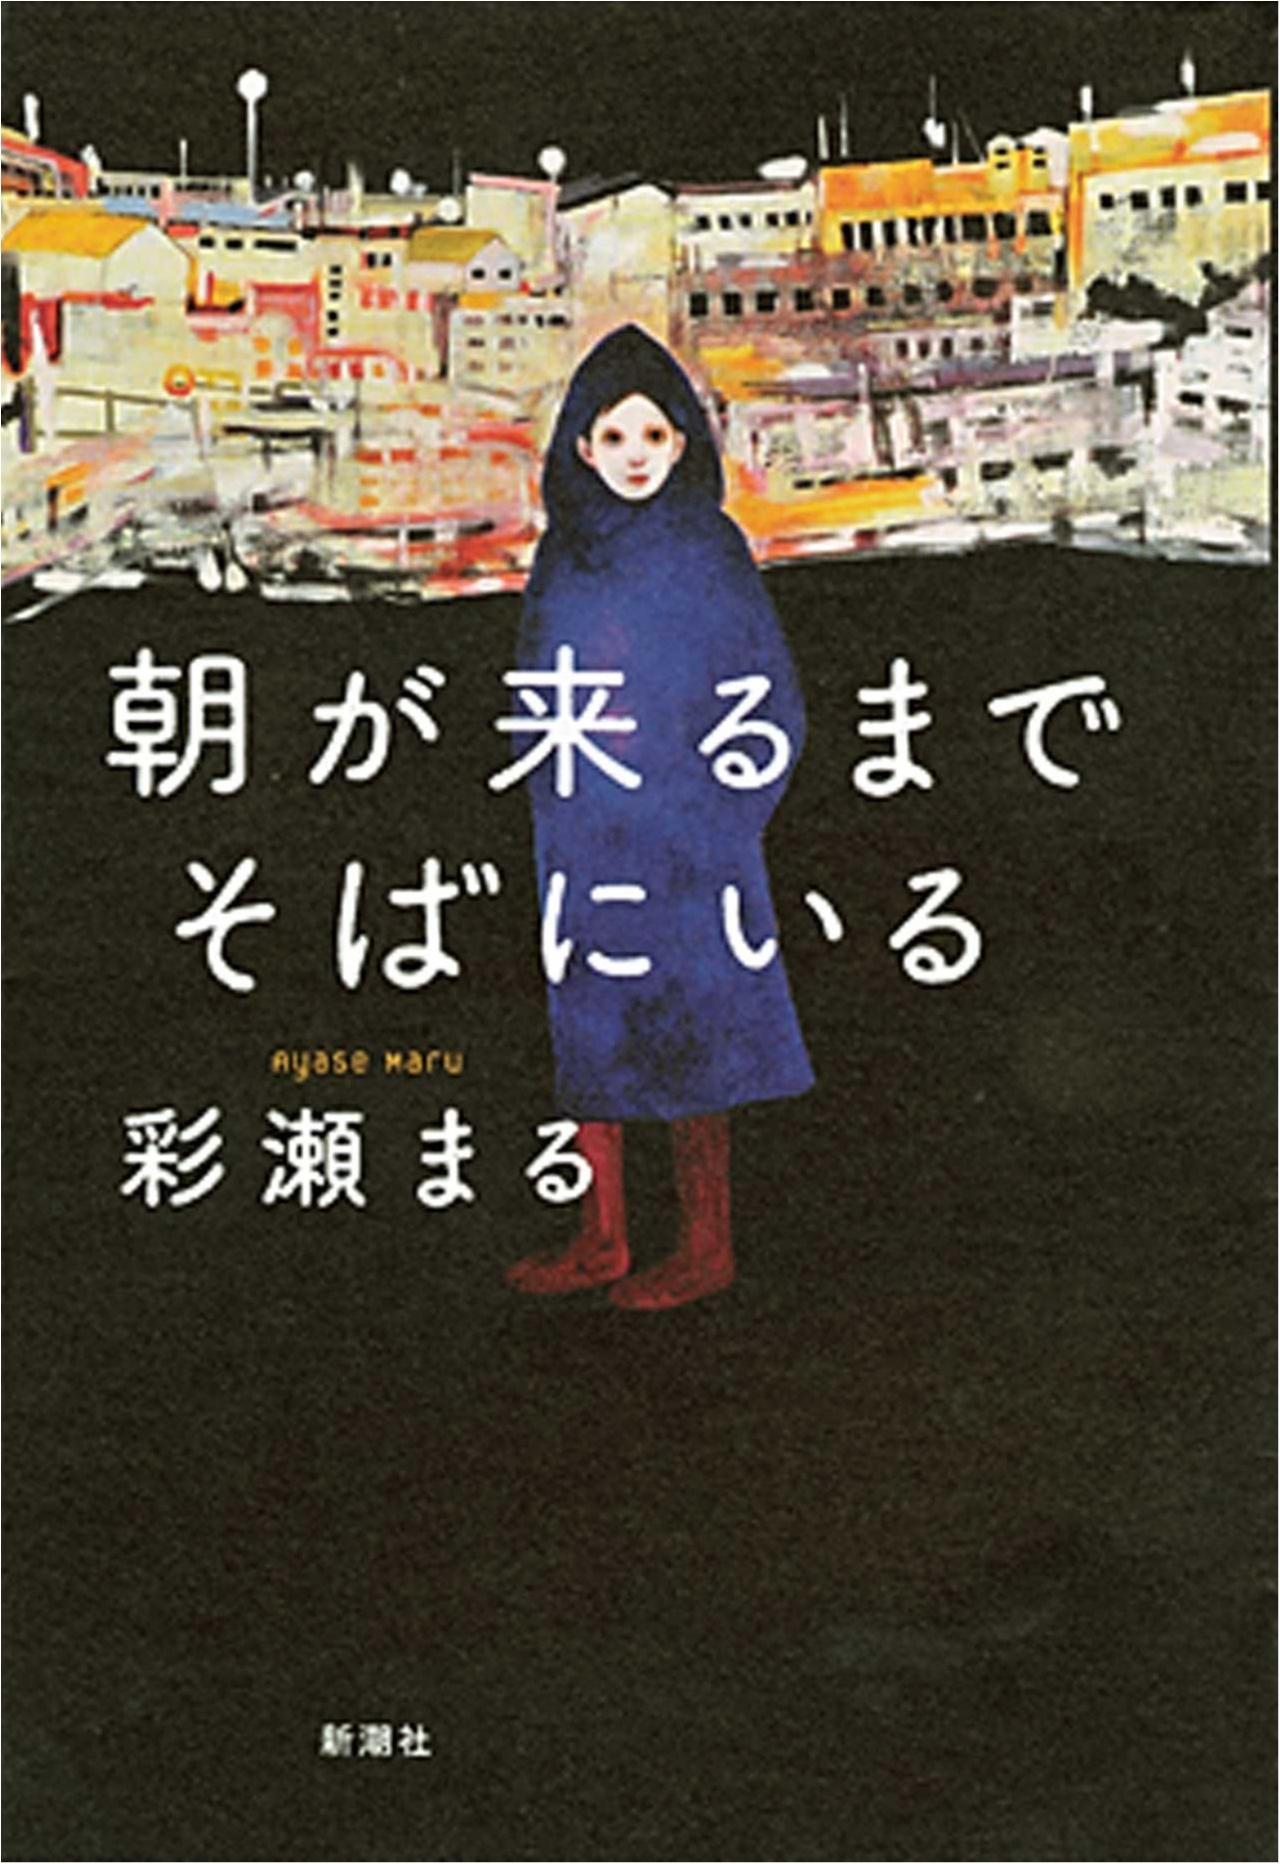 結婚したいなら 読まなくちゃ! 内田樹さんの『困難な結婚』など、今月のオススメ★BOOK_1